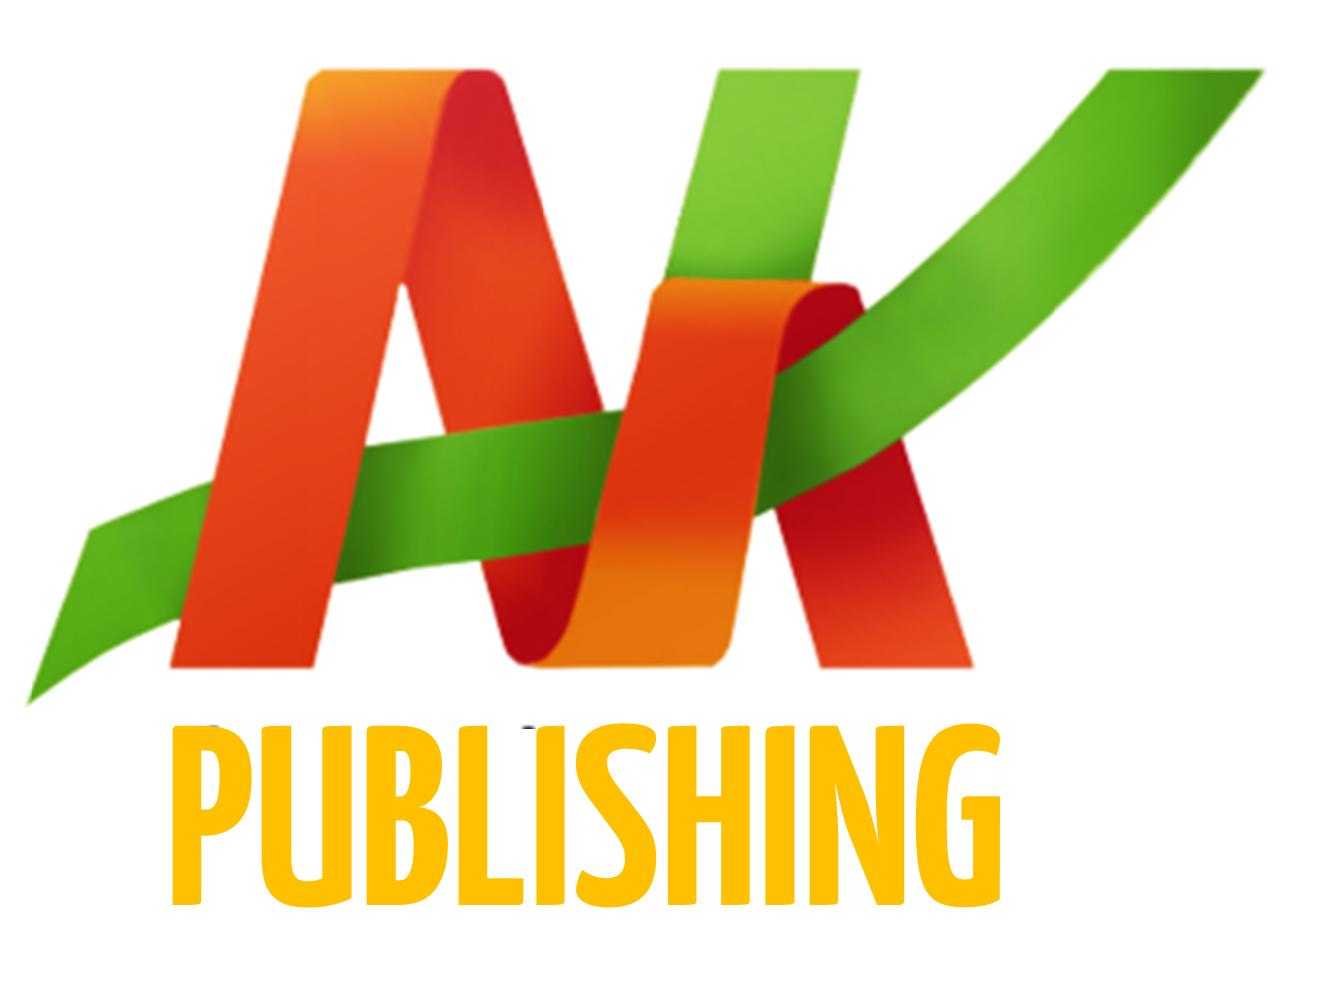 Amazon Kindle Publishing Services